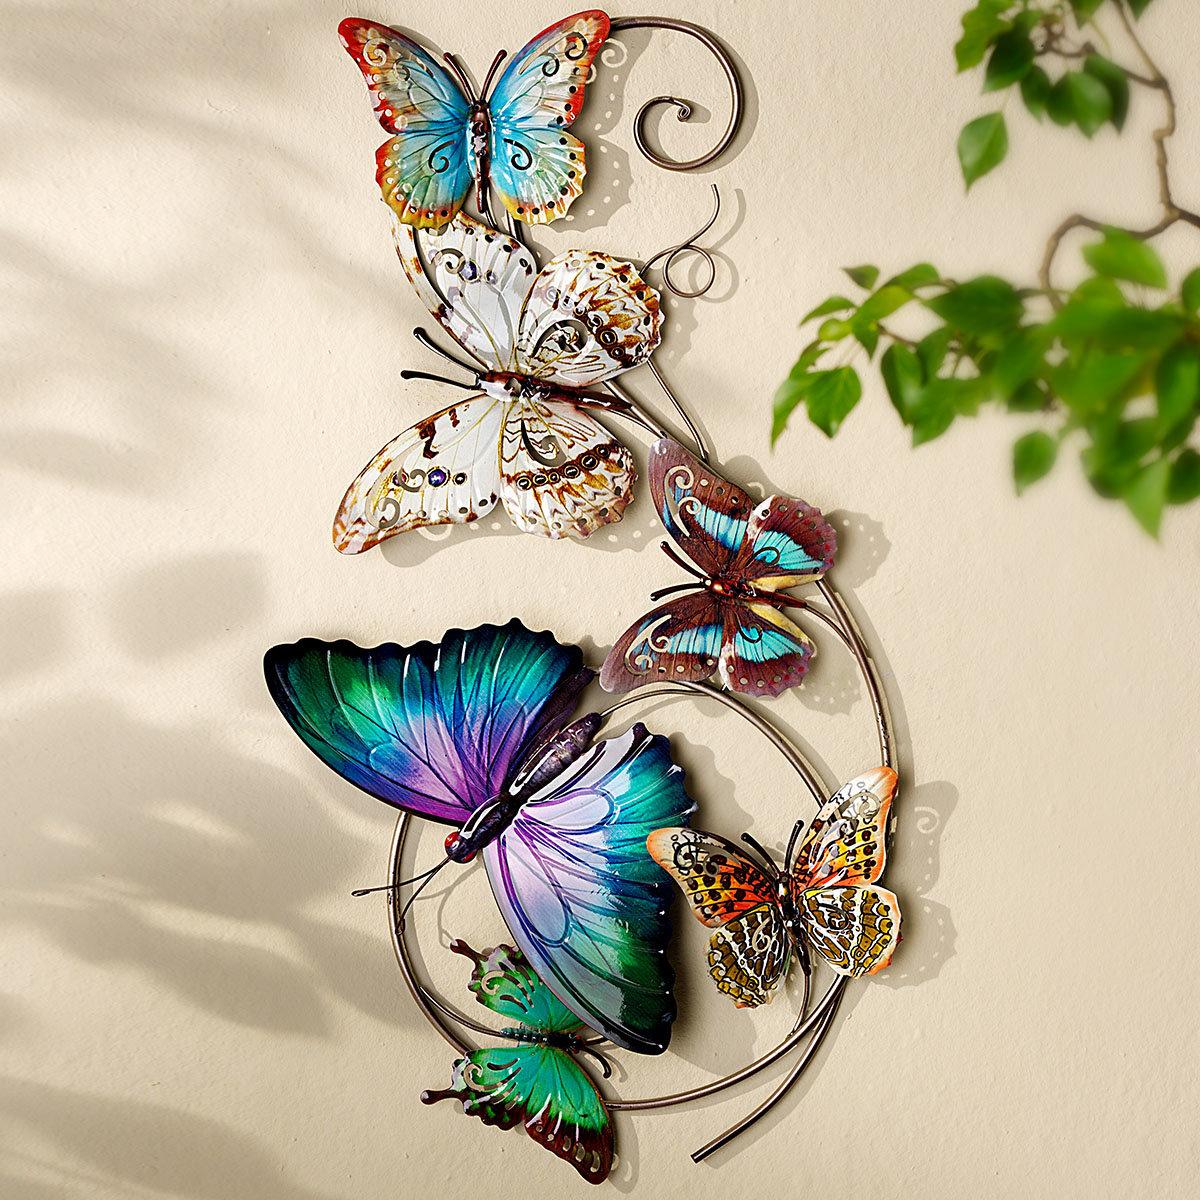 Wanddeko Schmetterlinge, 73x37 cm, bunt | #2